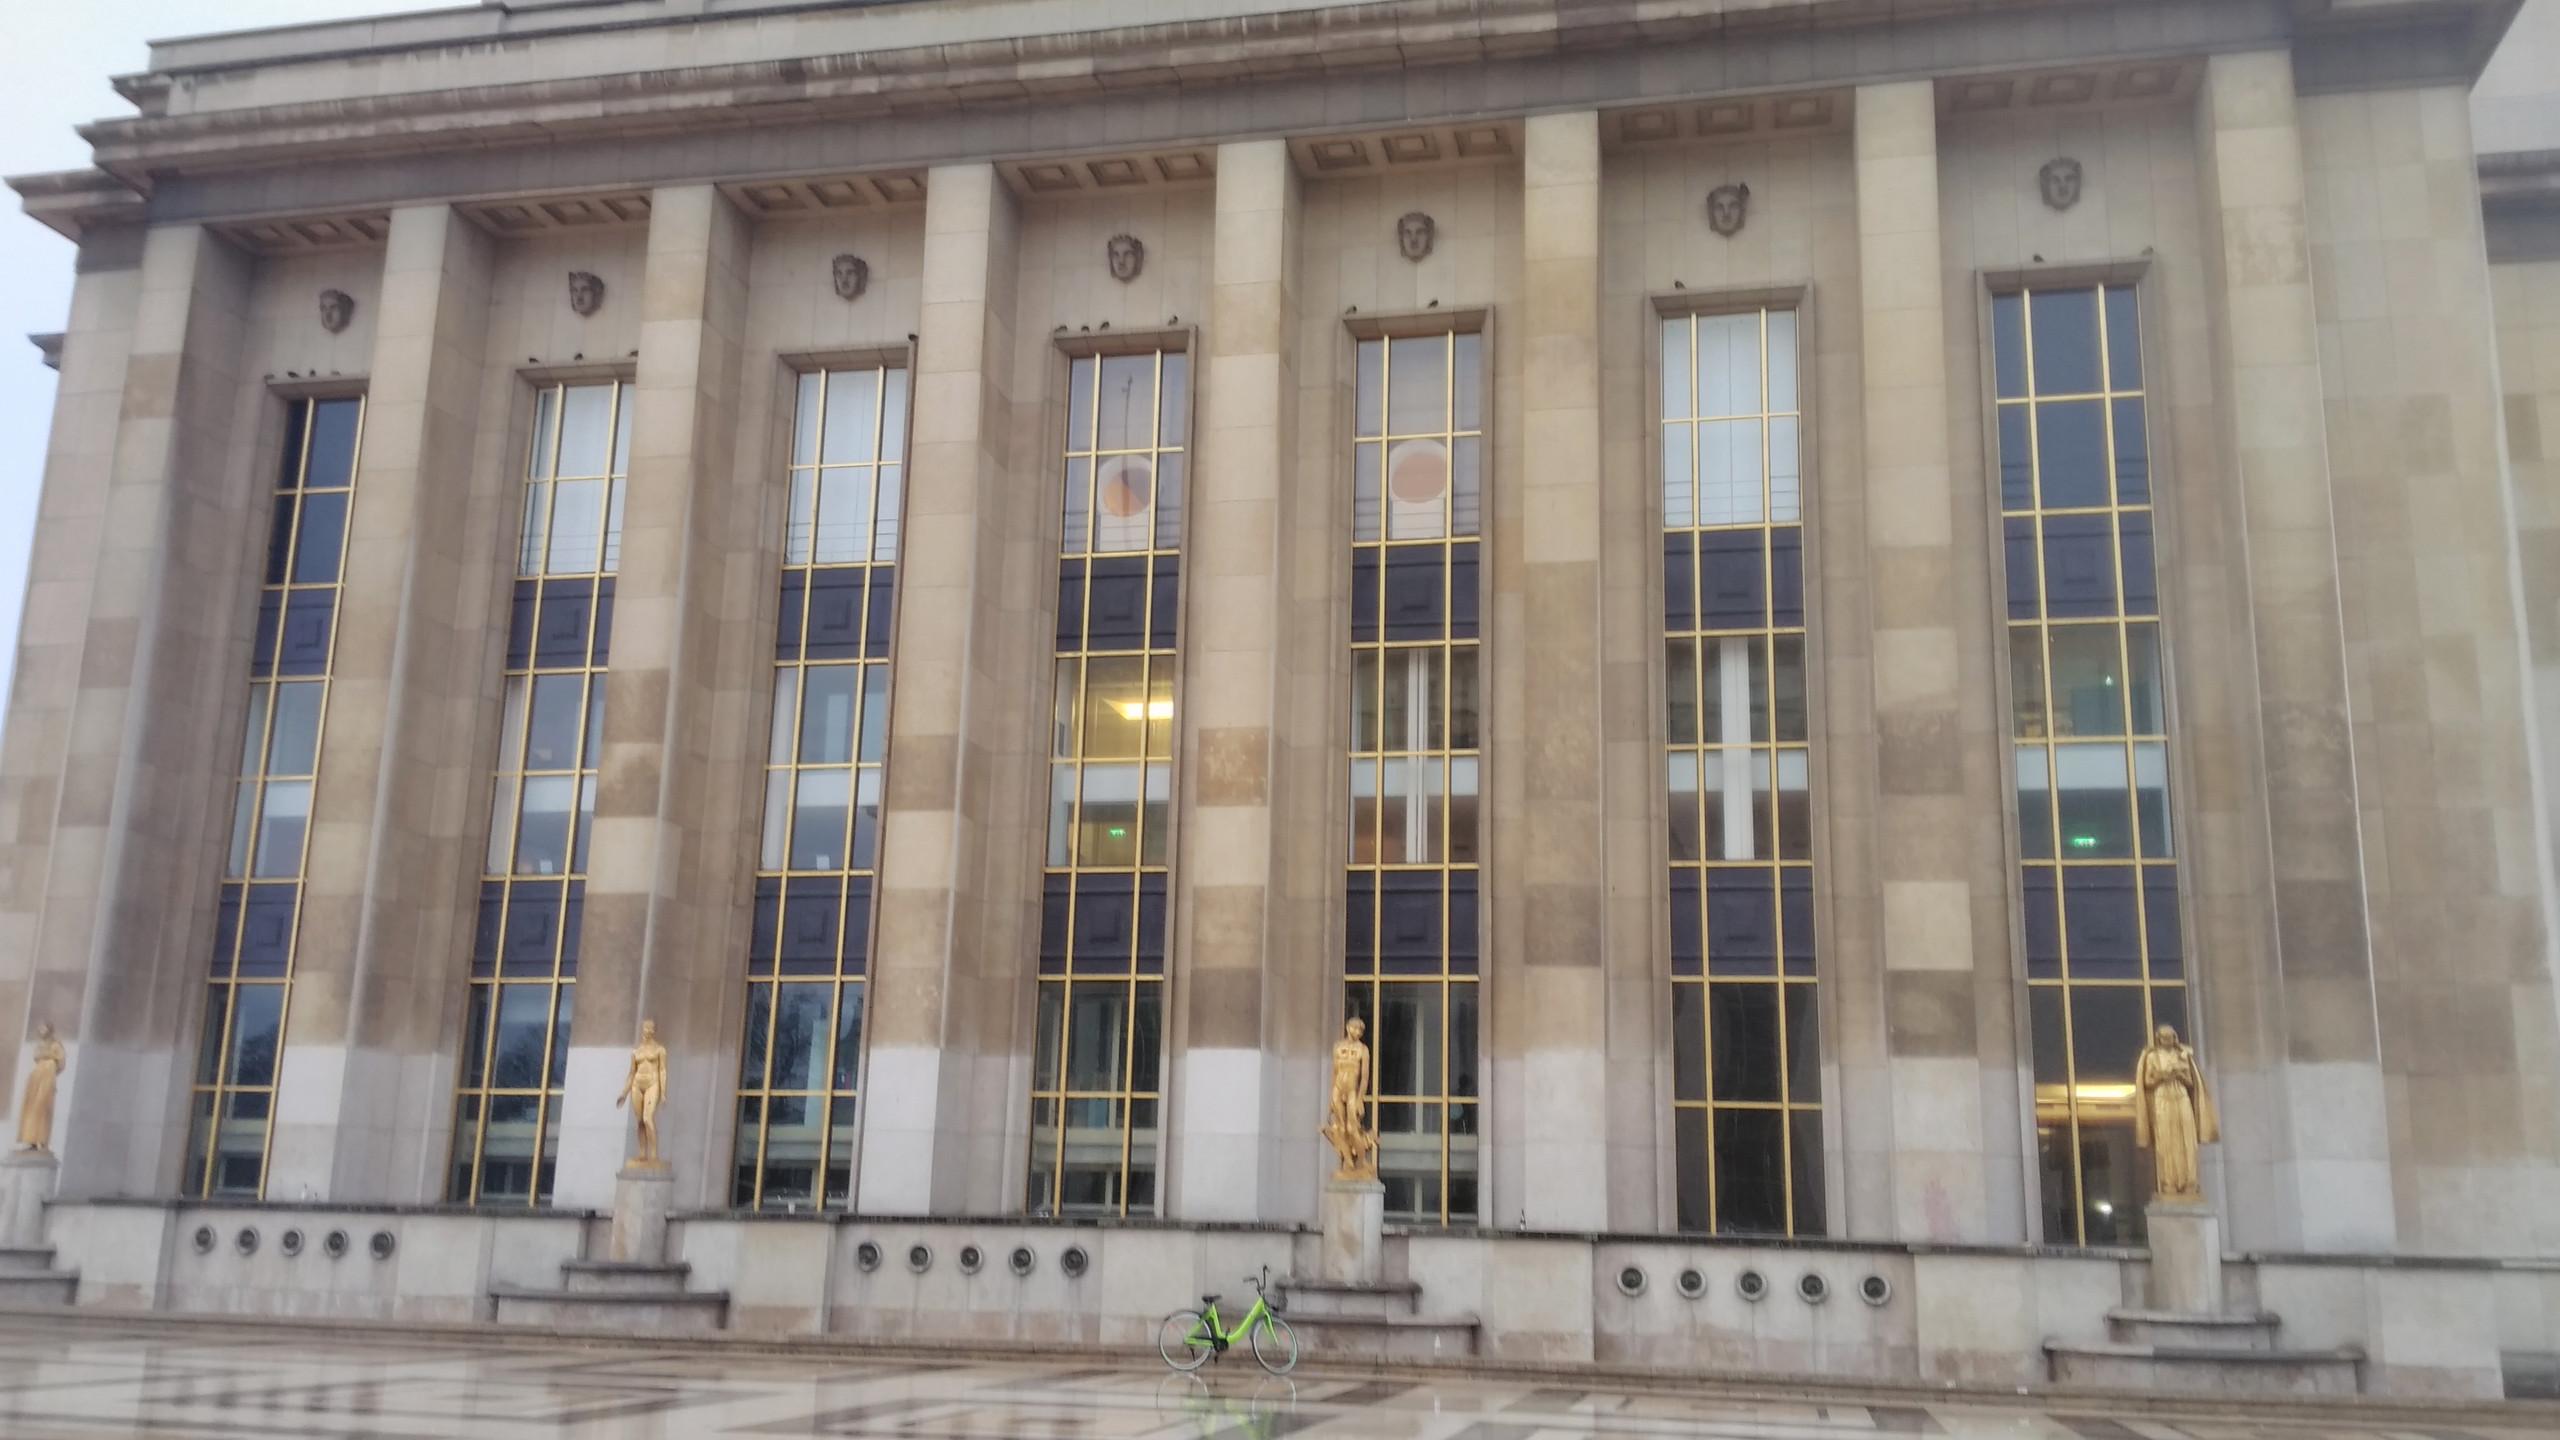 Le Palais de Chaillot - West Wing